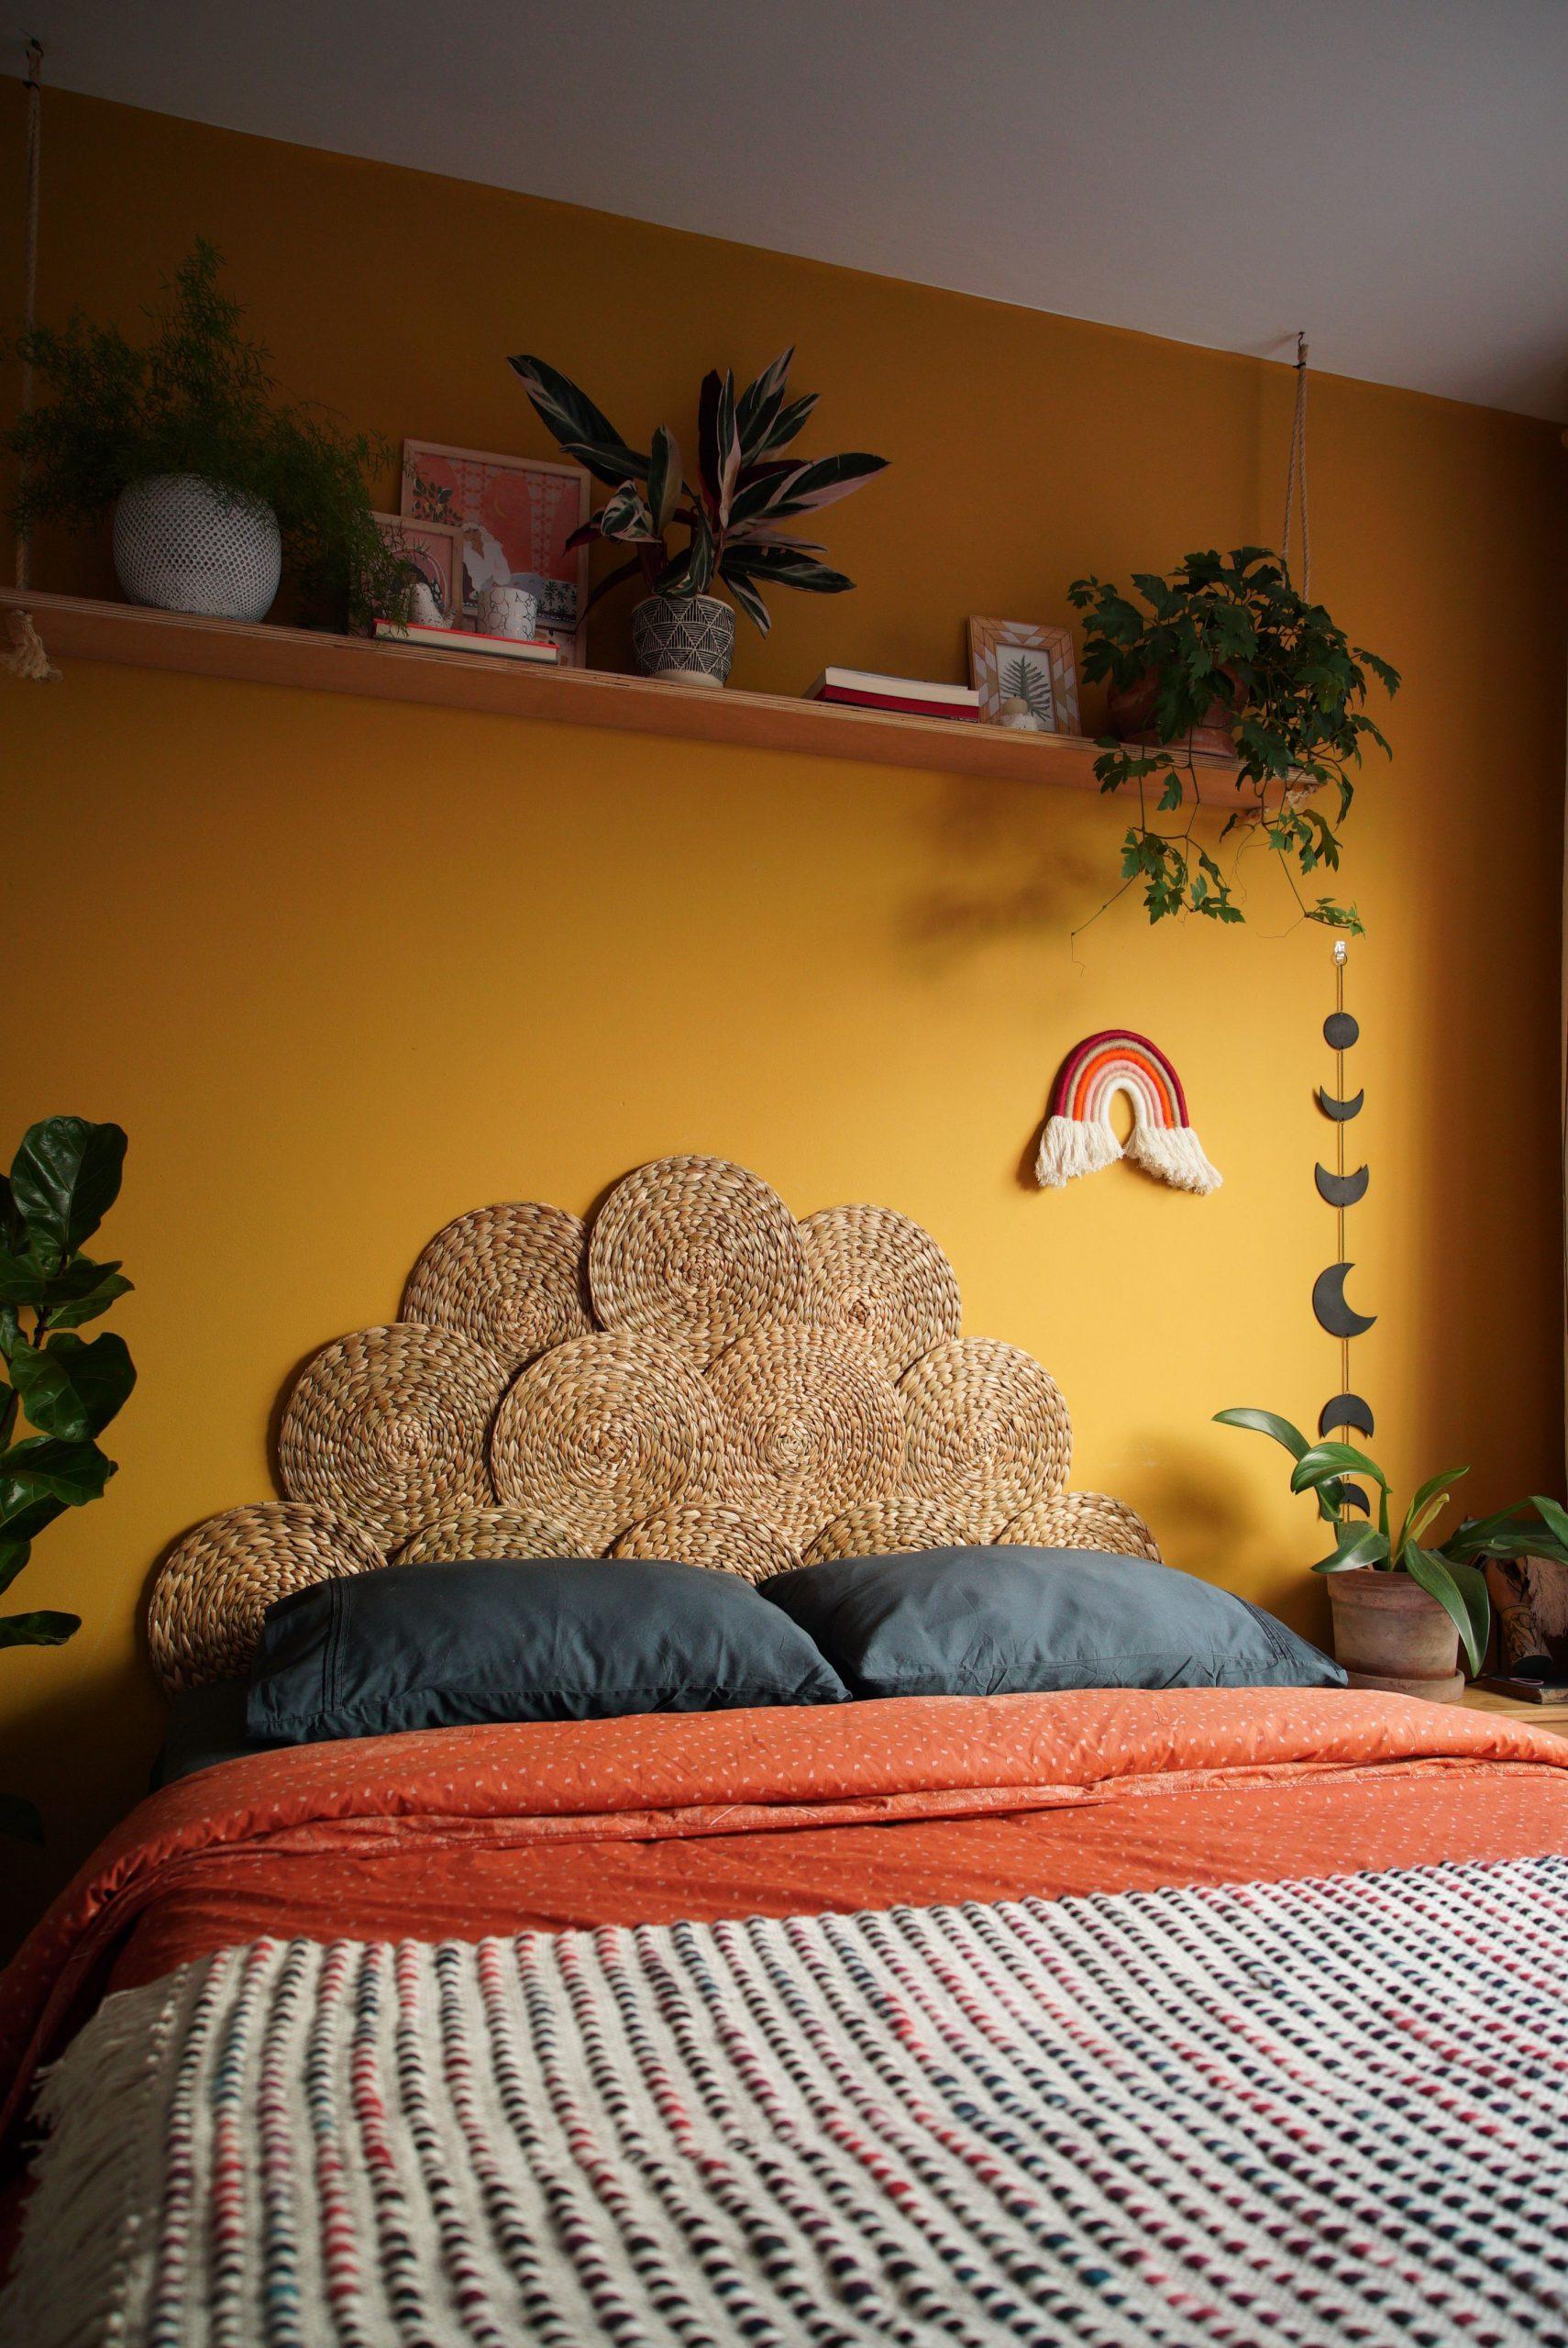 اتاق خواب با دیوار تاکیدی زرد